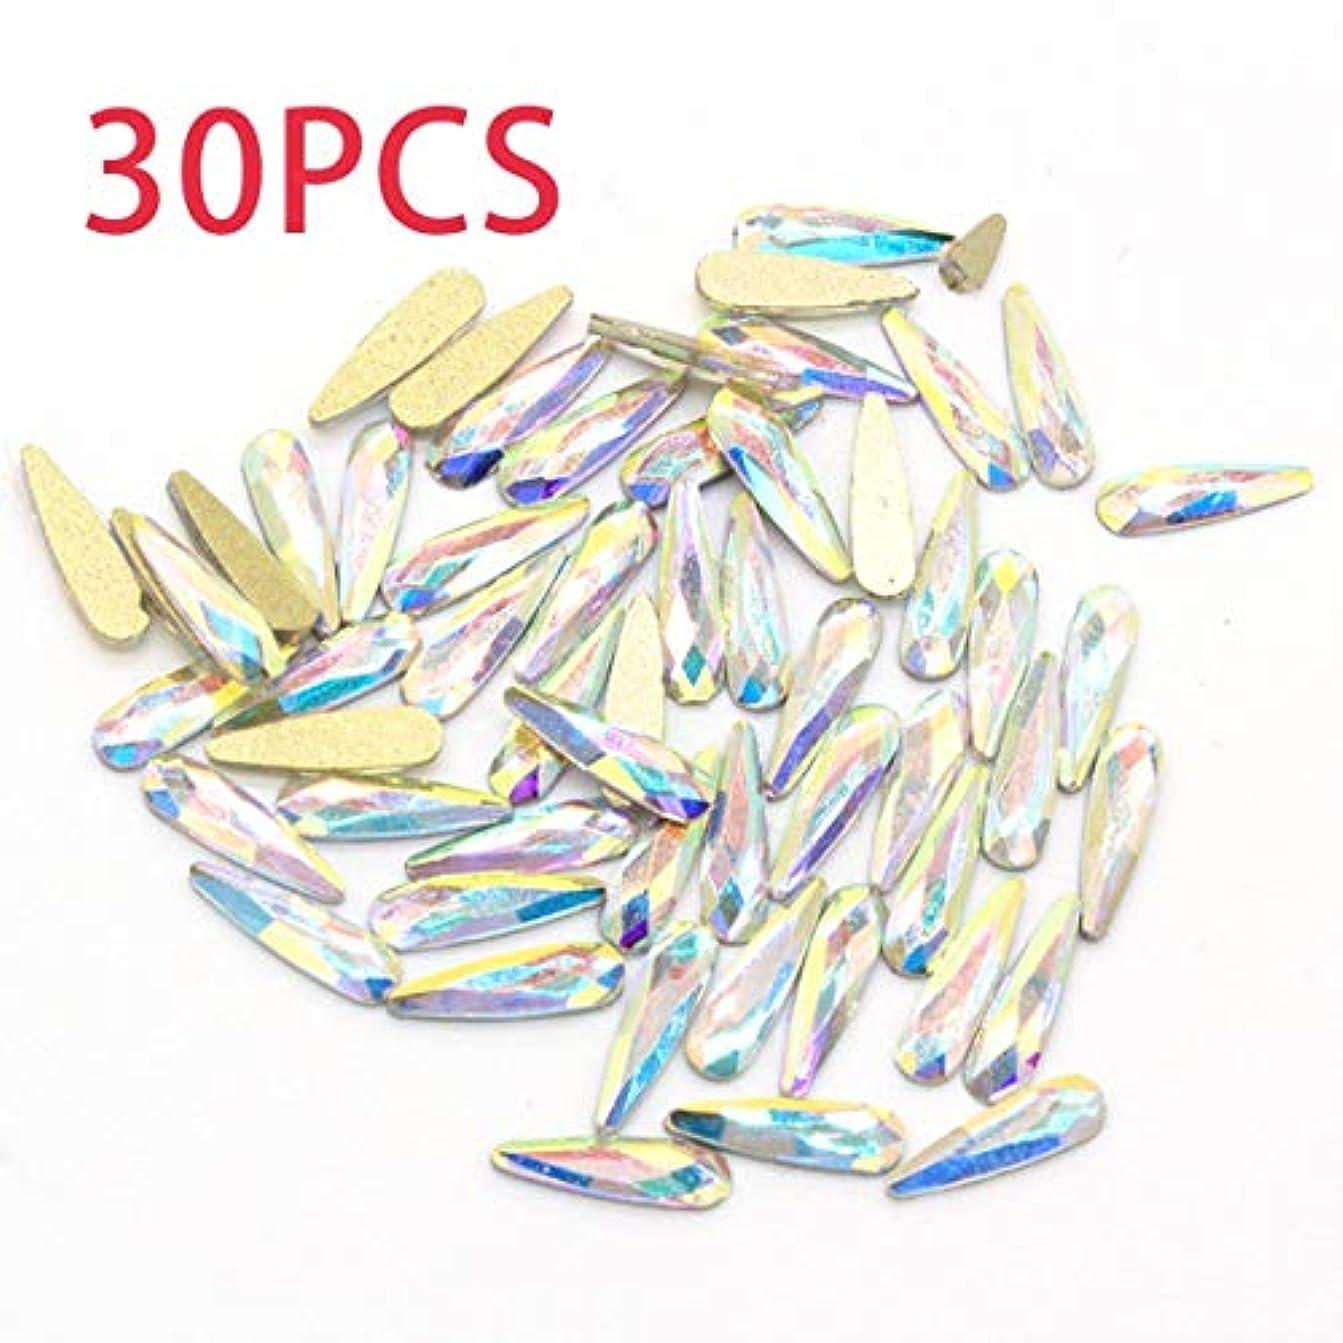 大理石見つける形状Birdlanternネイルクリスタル宝石用釘3Dネイルアートの装飾フラットバックドロップガラスストラスストーンジュエリーABダイヤモンドDIY